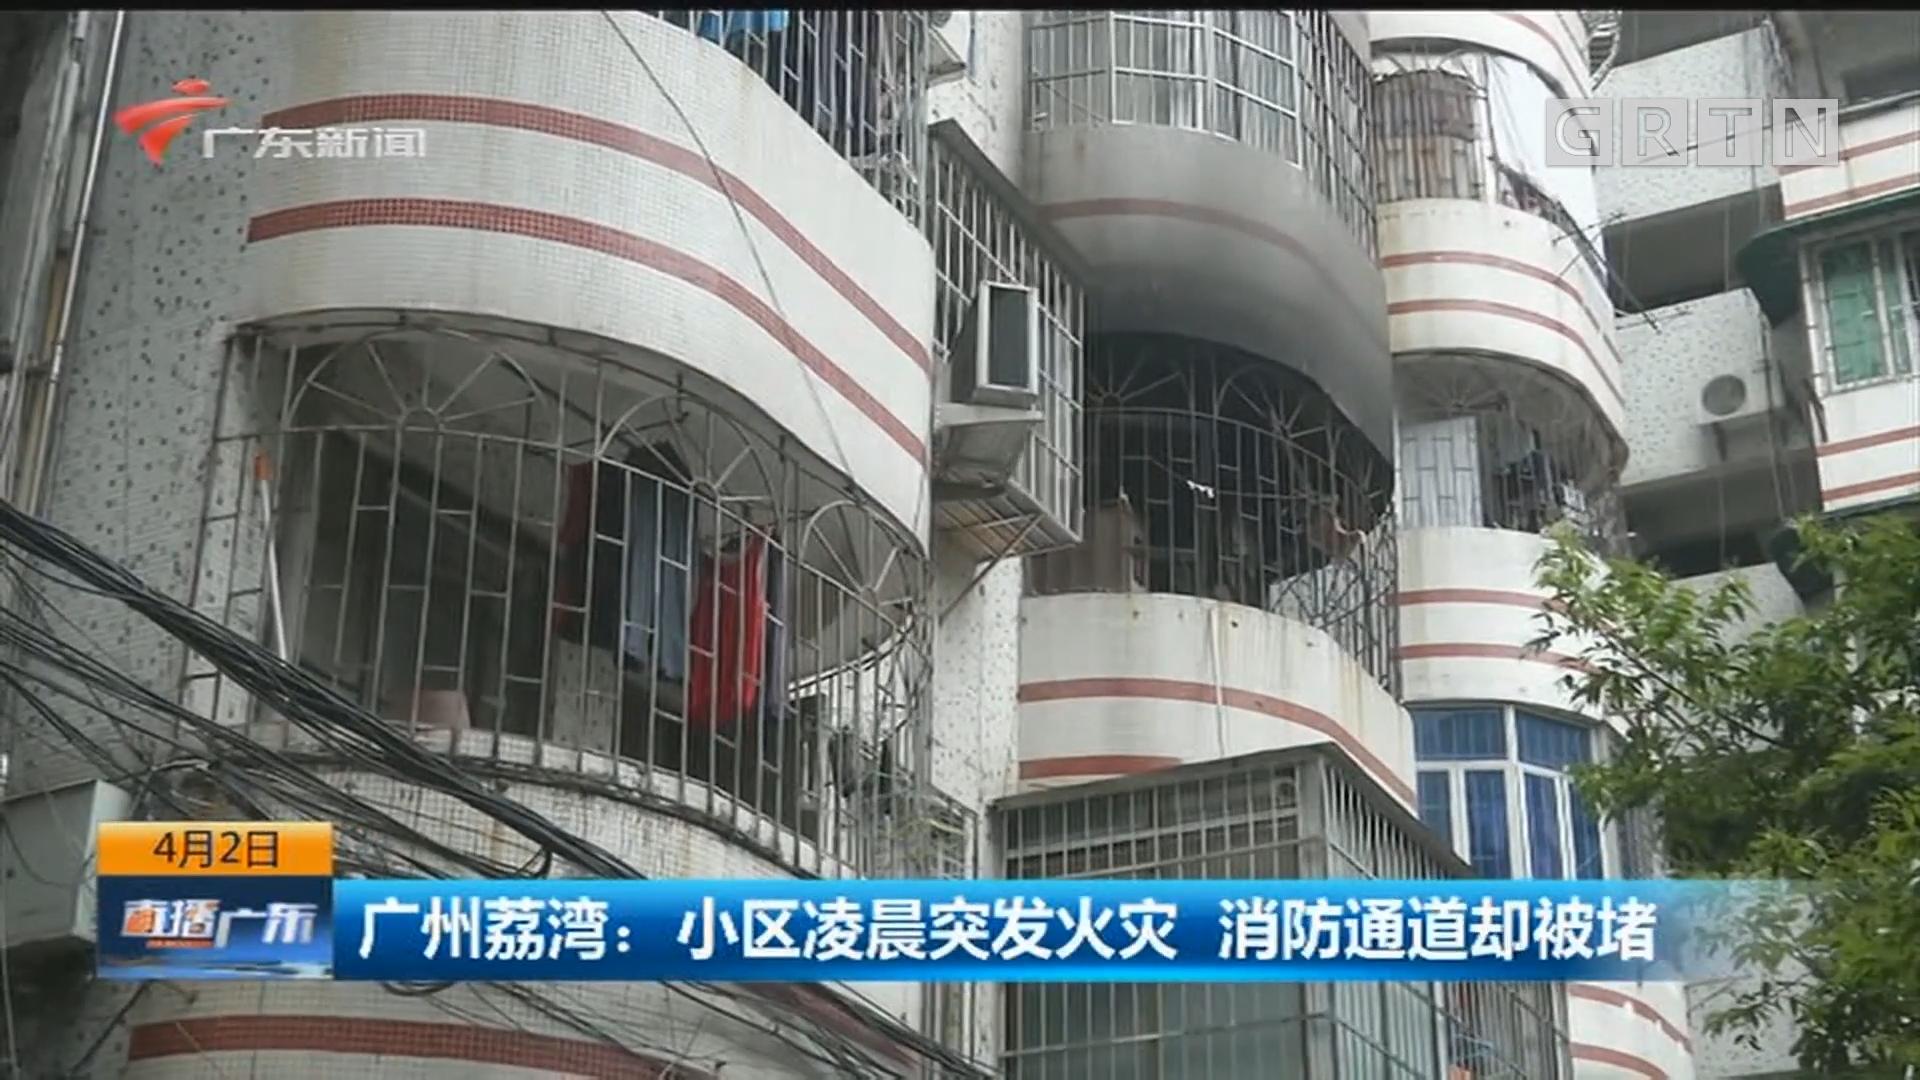 广州荔湾:小区凌晨突发火灾 消防通道却被堵